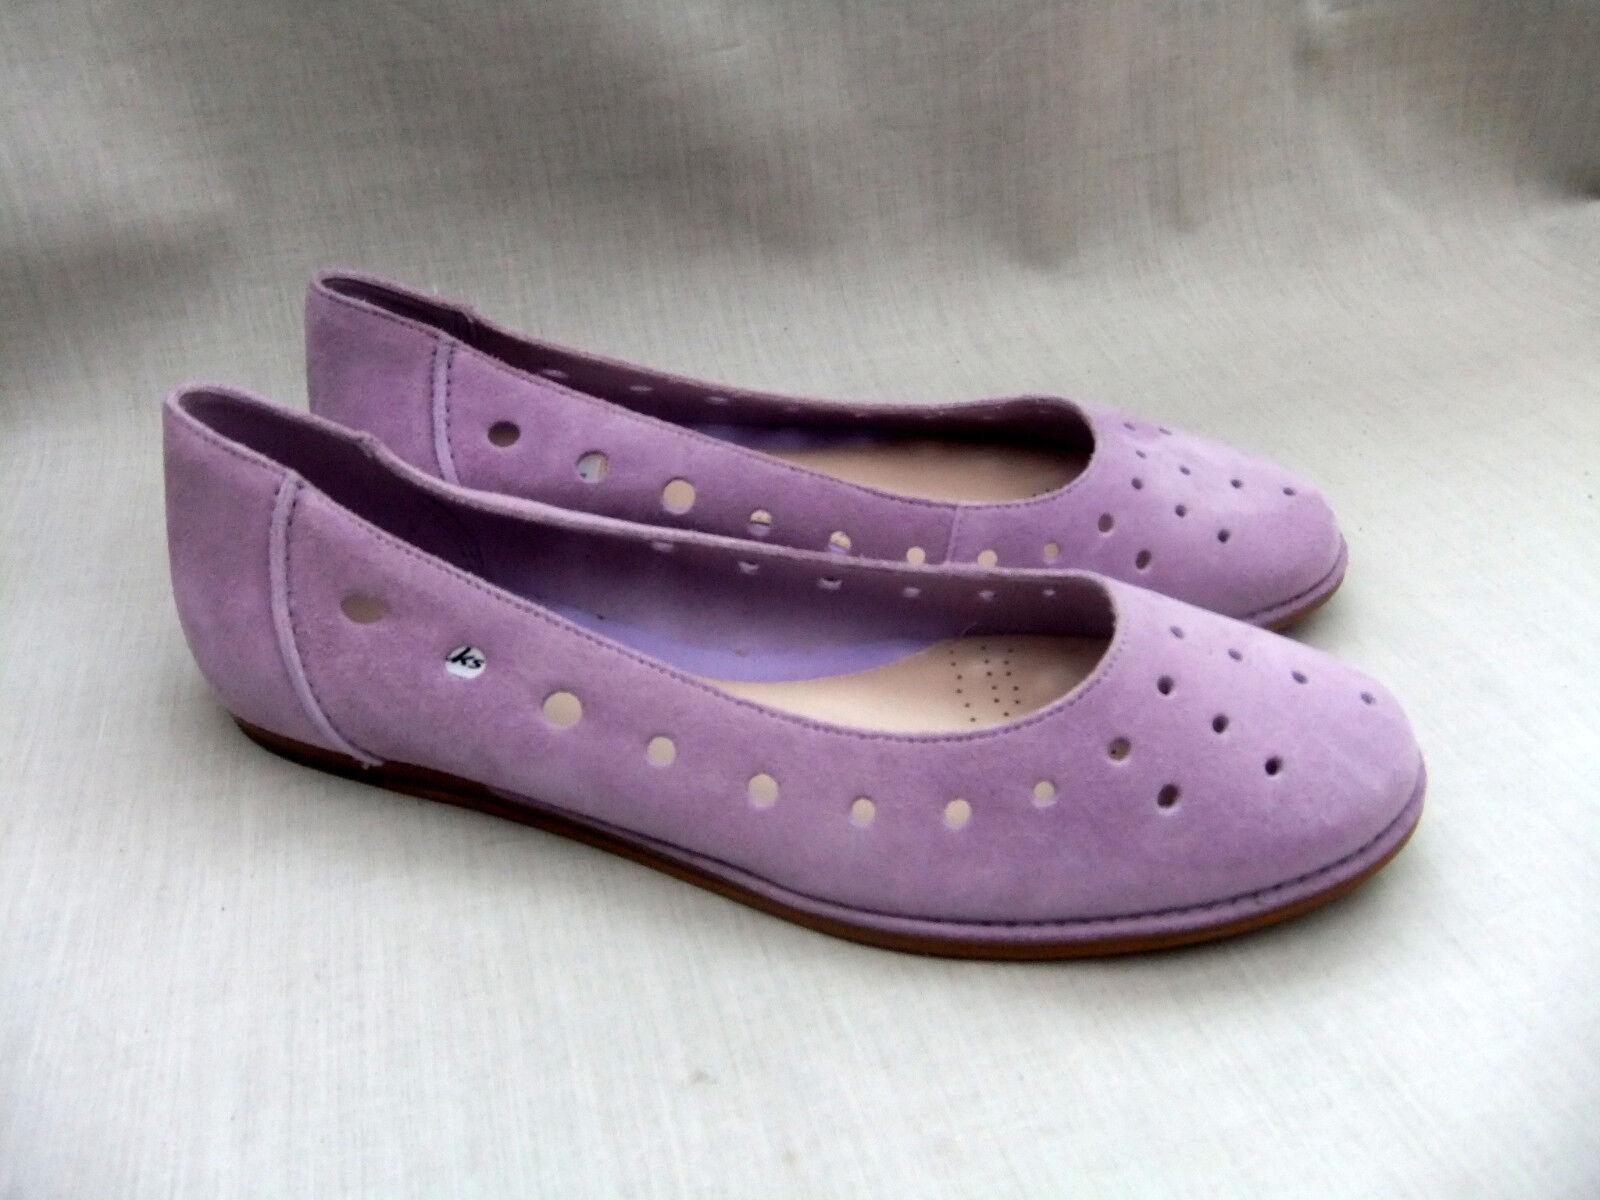 New Clarks Paillettes Piscine Femme violets Chaussures en daim taille 8 42